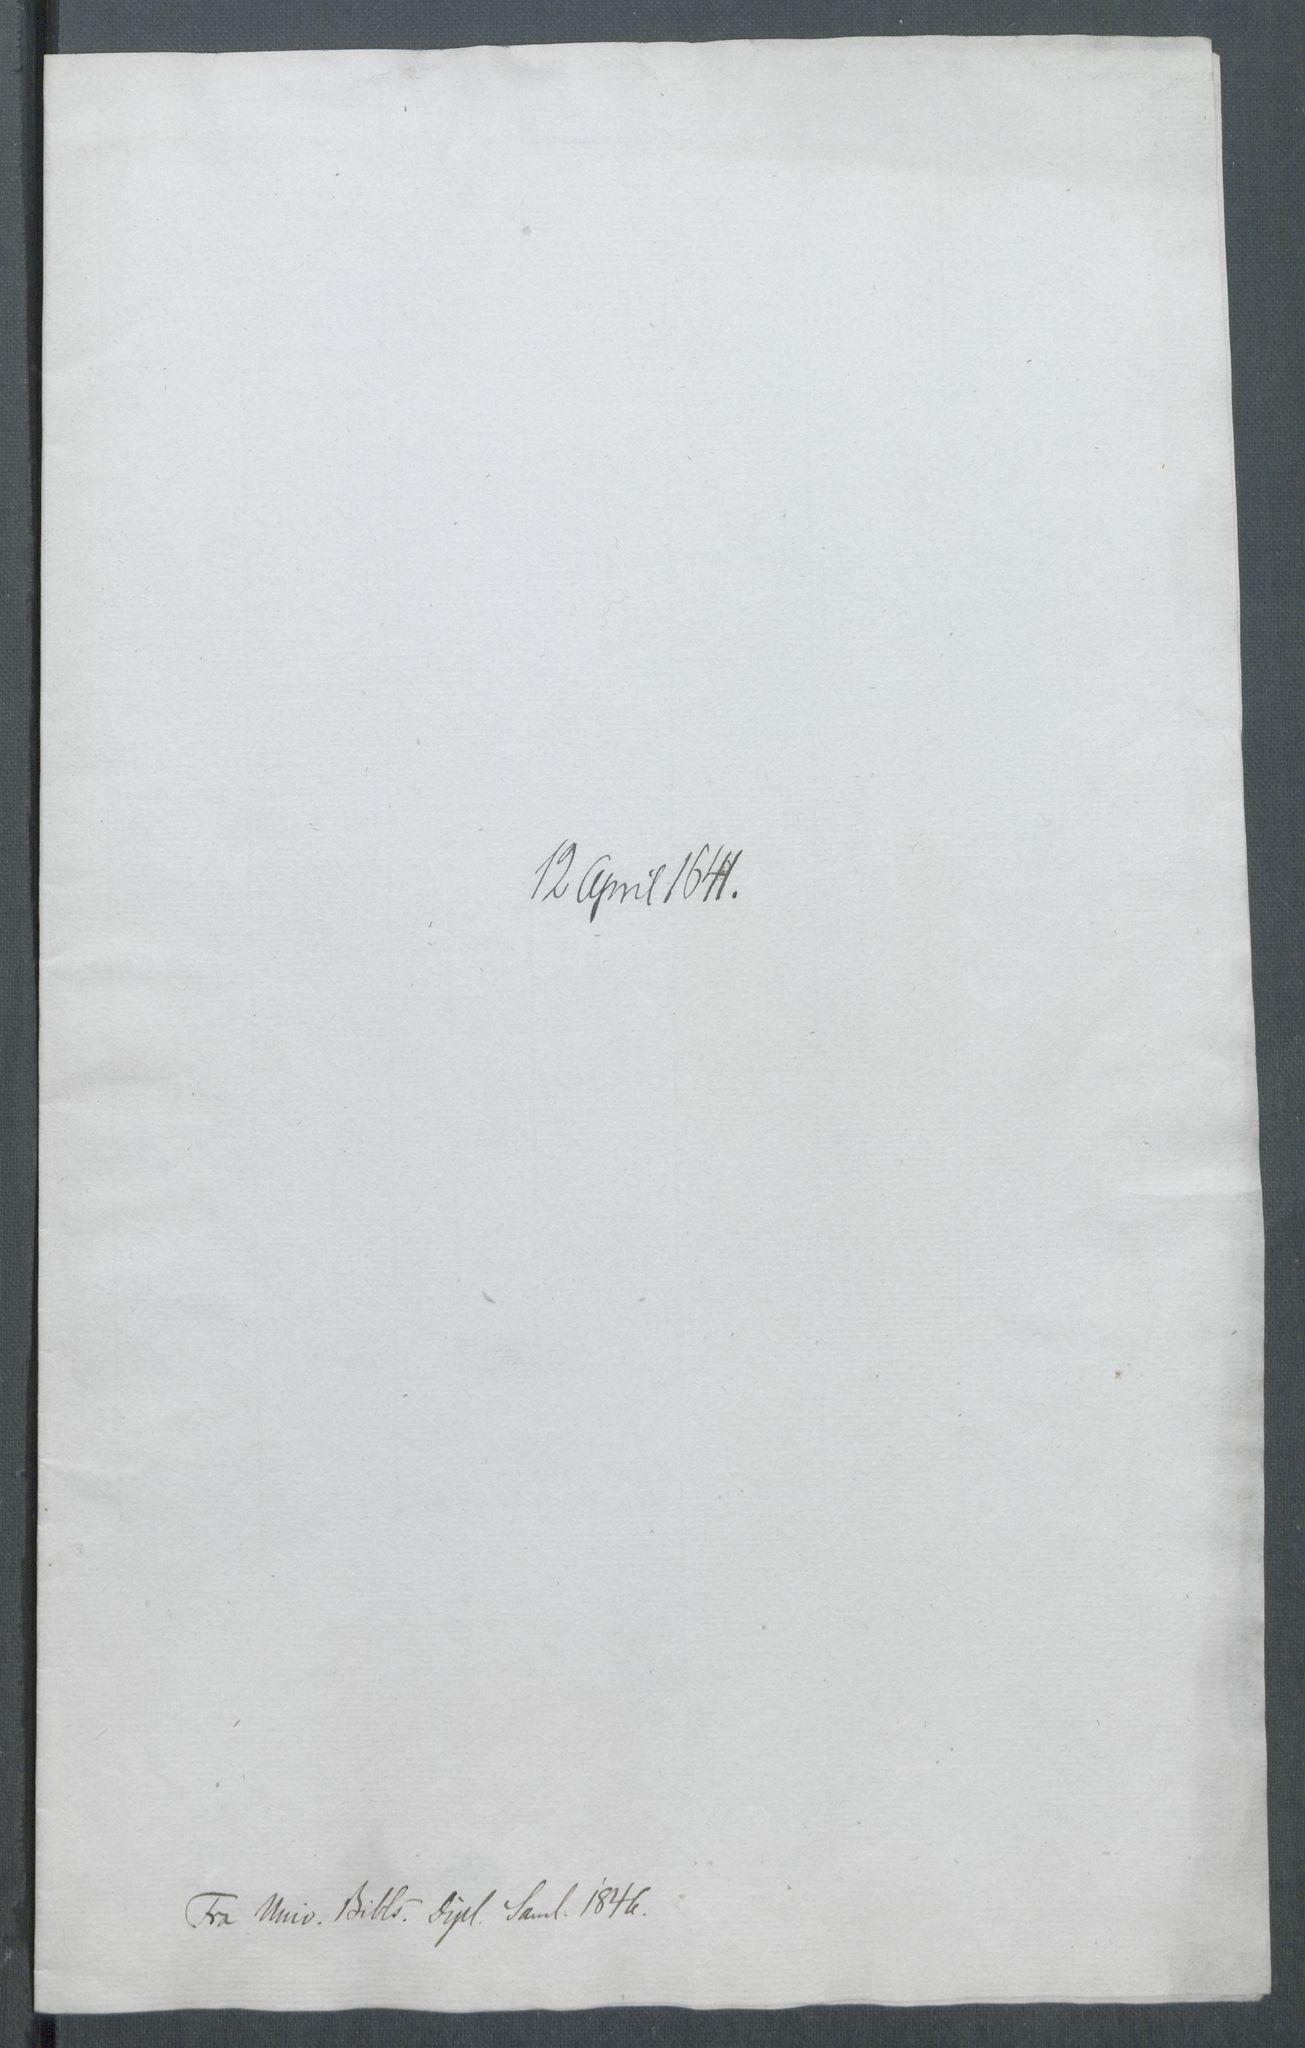 RA, Riksarkivets diplomsamling, F02/L0154: Dokumenter, 1641, s. 20